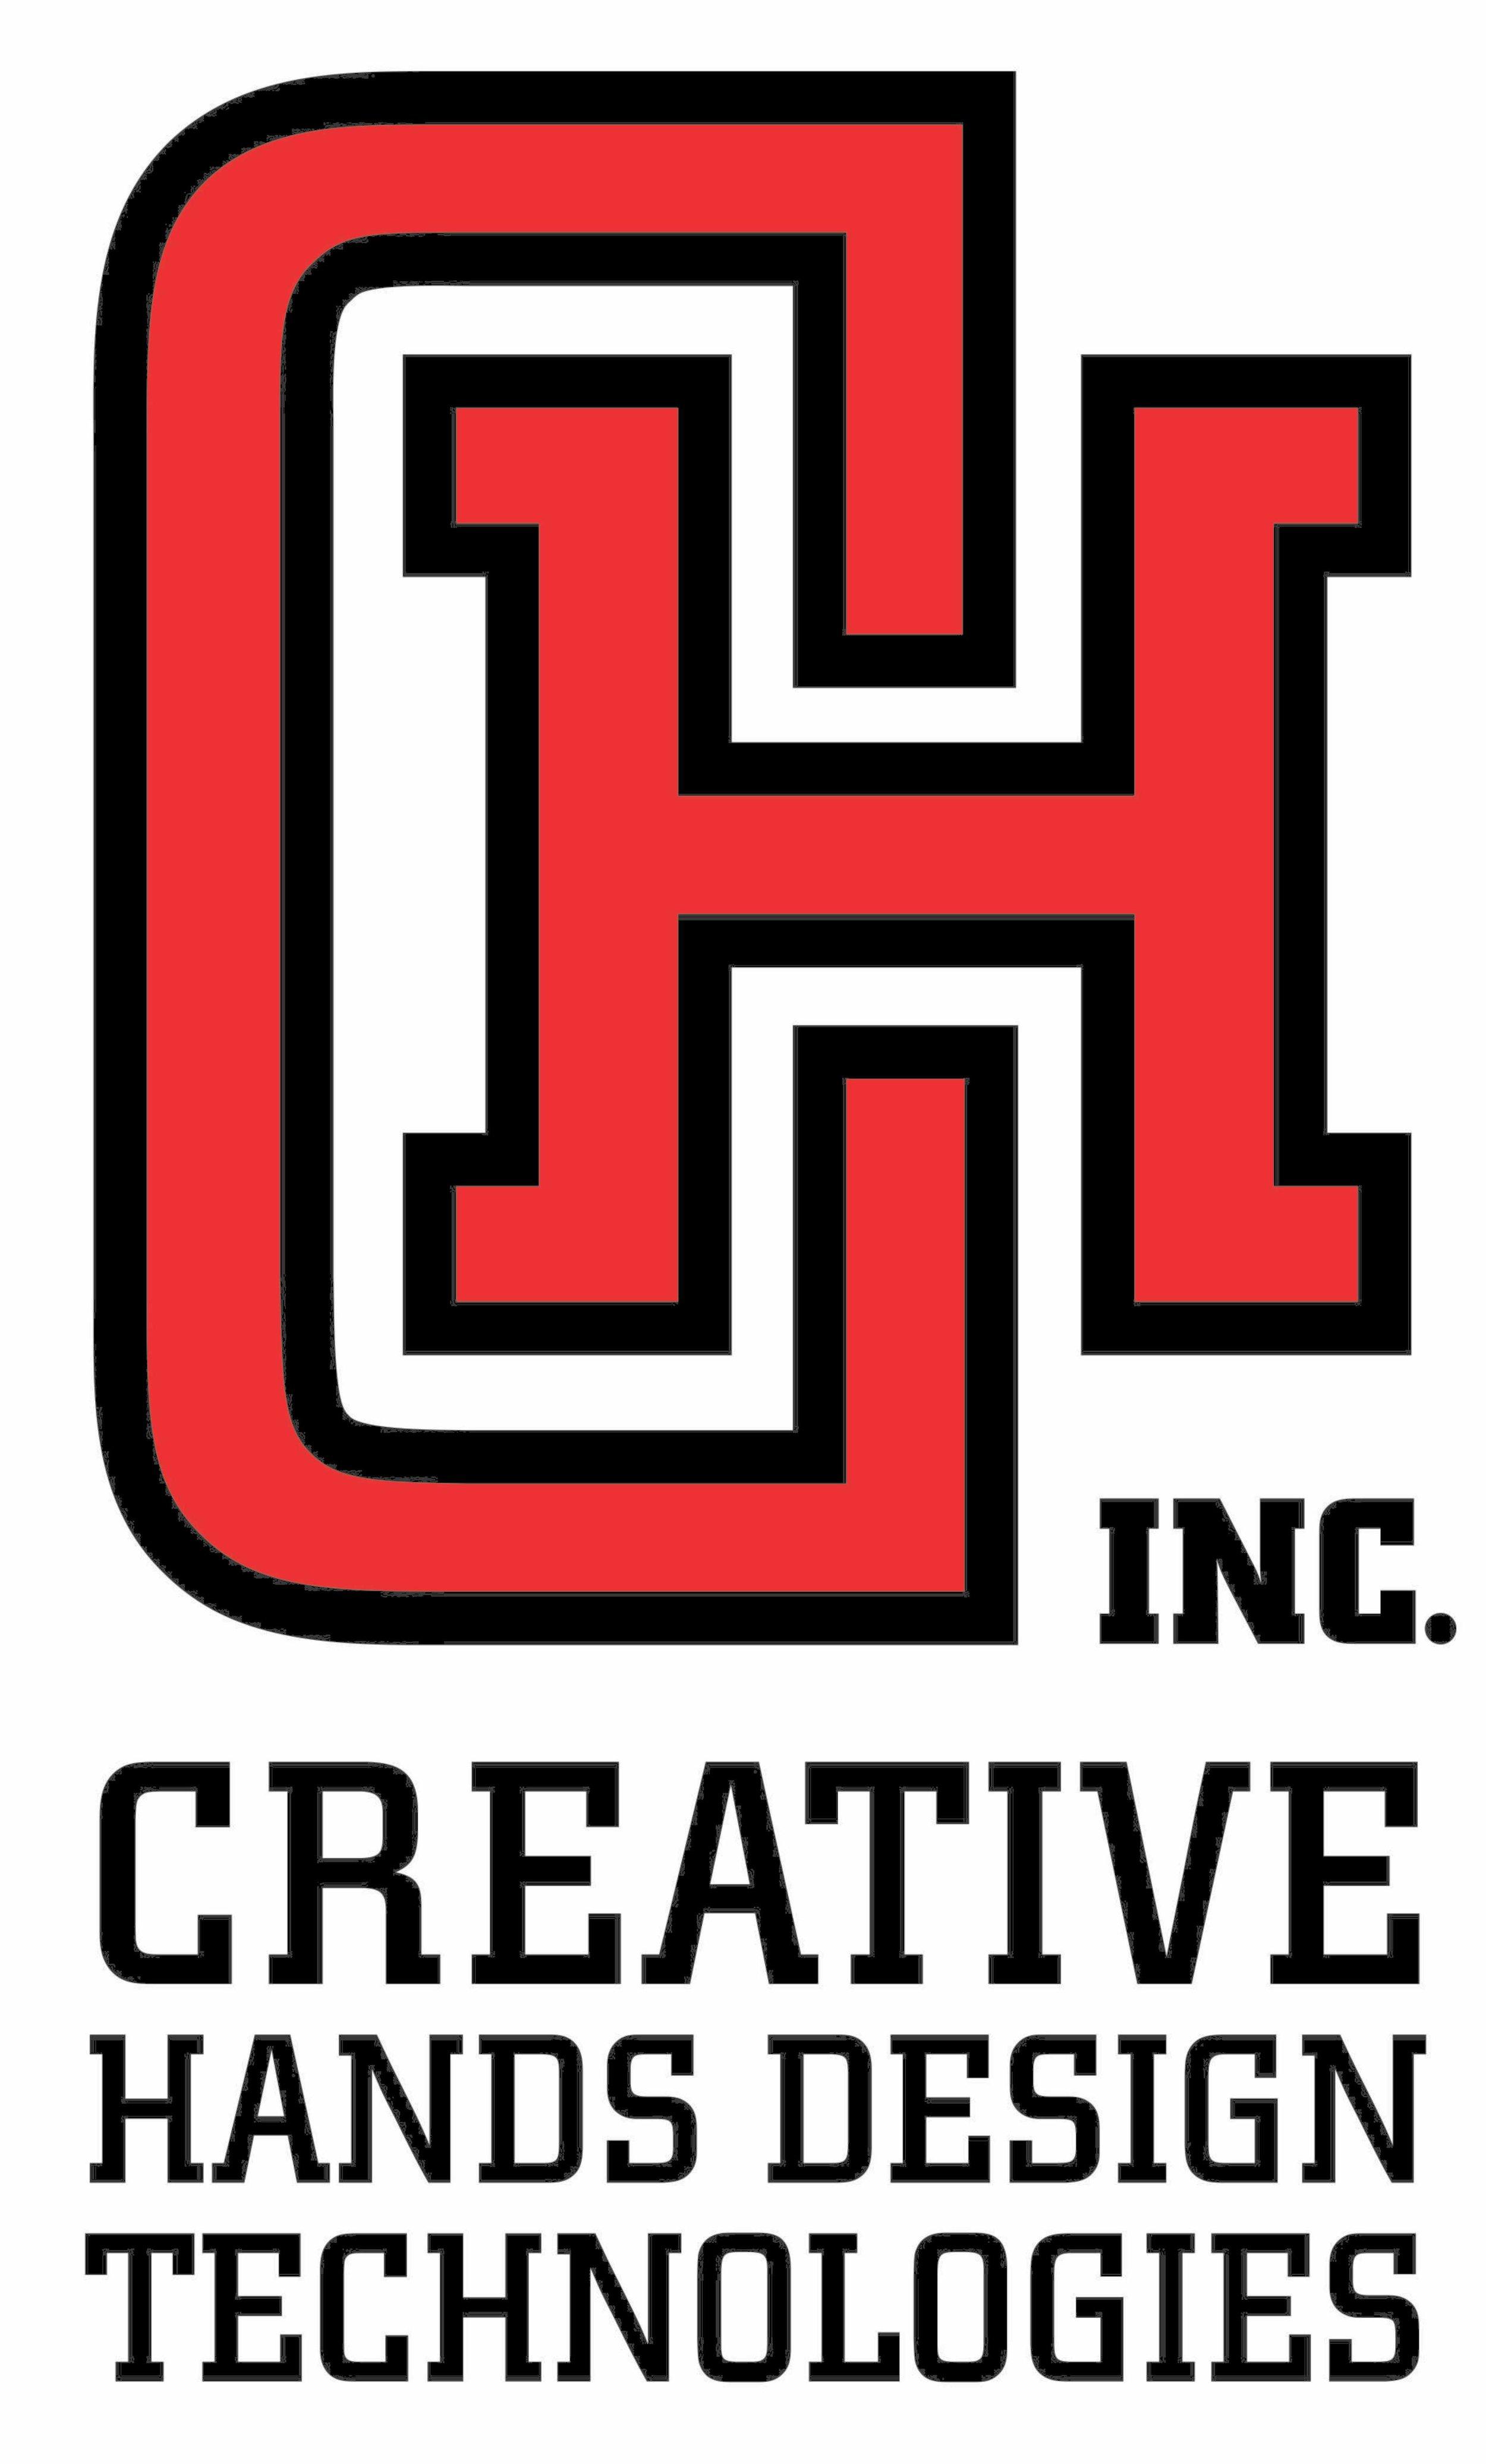 chdt logo 1.jpg